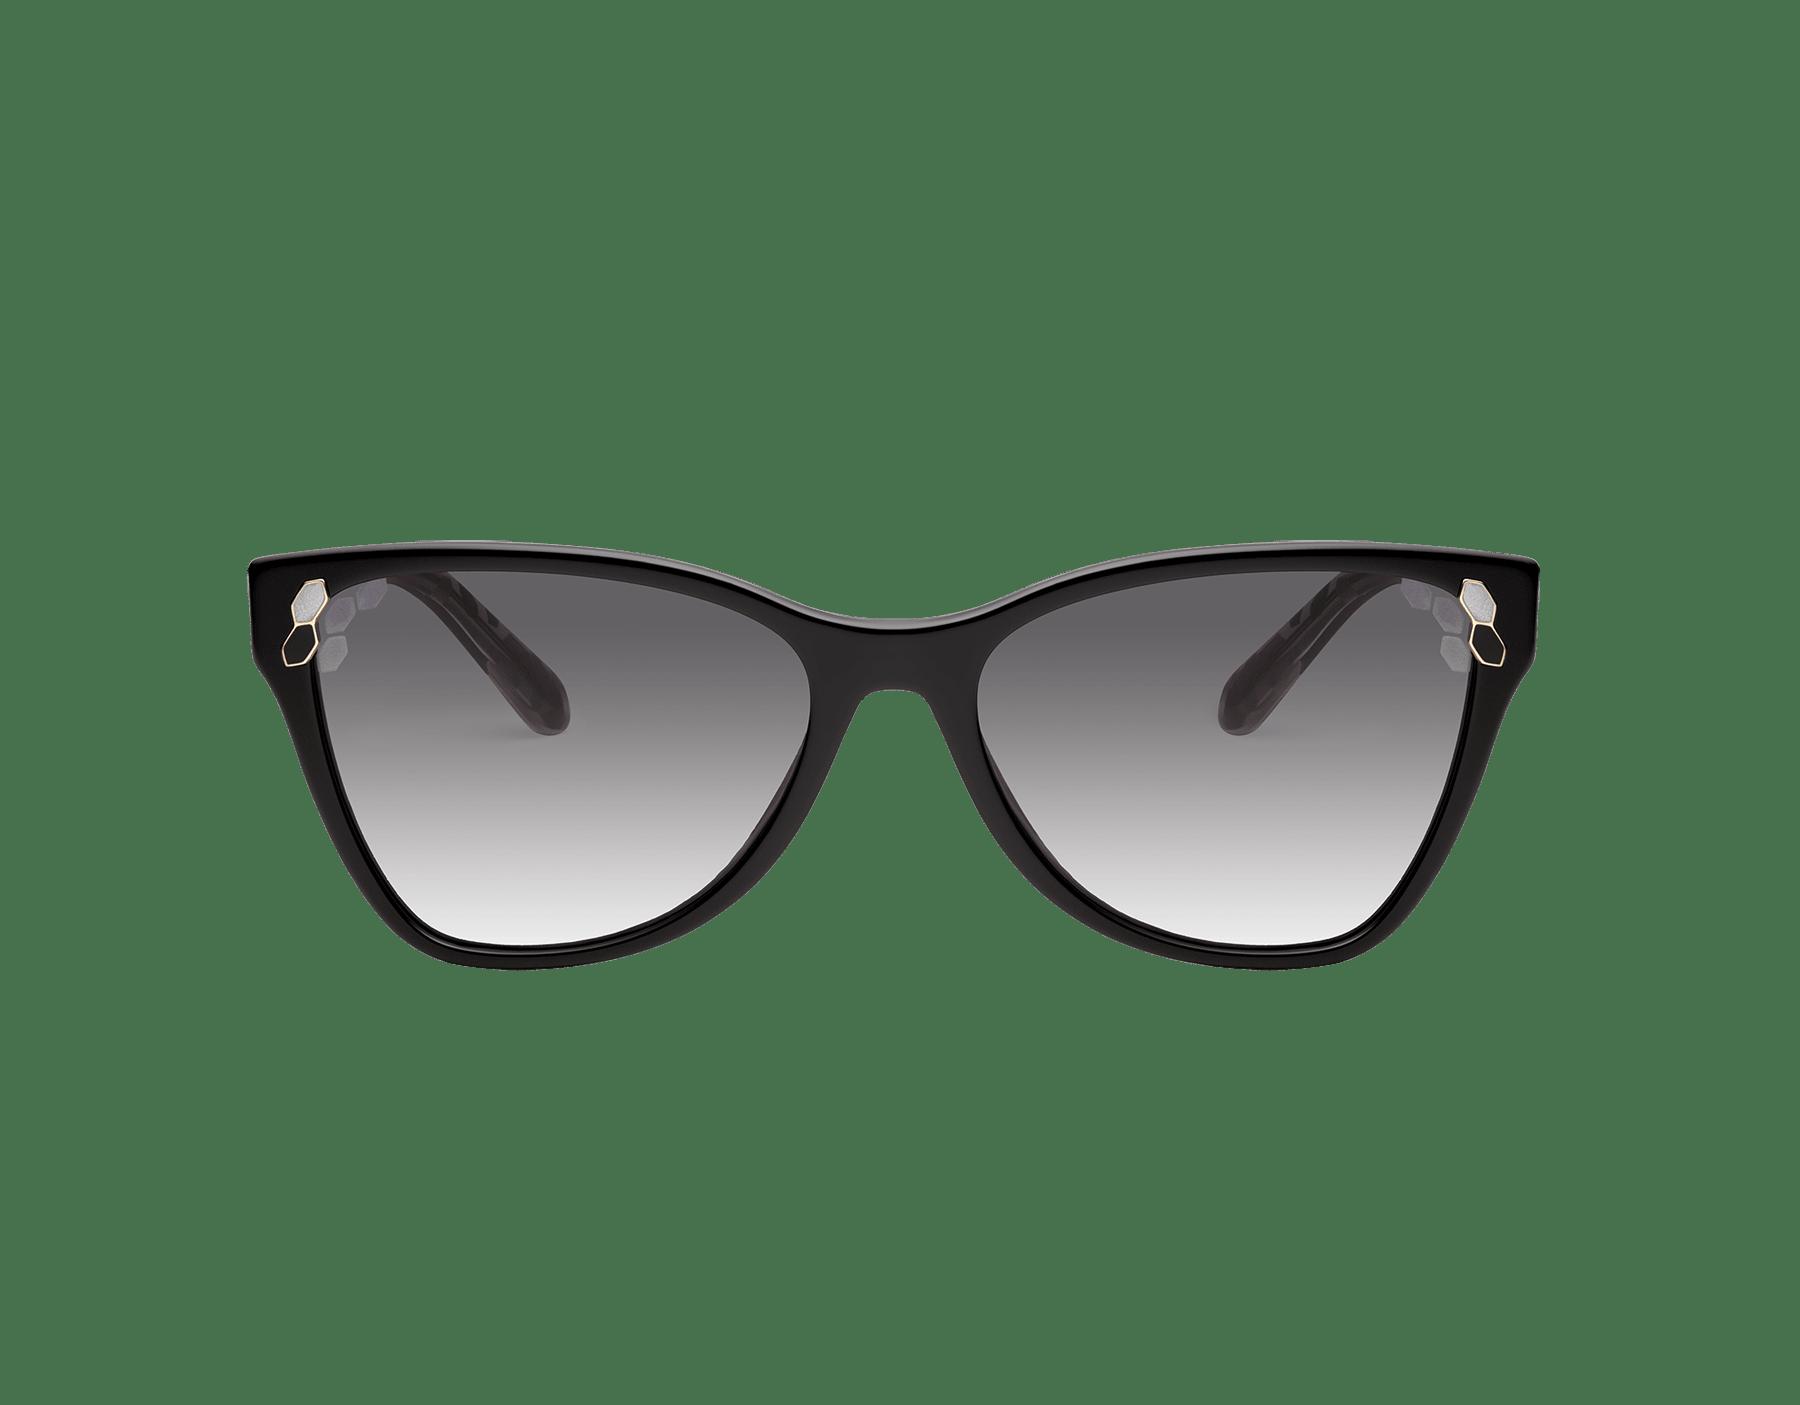 Óculos de sol Bvlgari Serpenti Powercandy com formato olho de gato em acetato. 903570 image 2